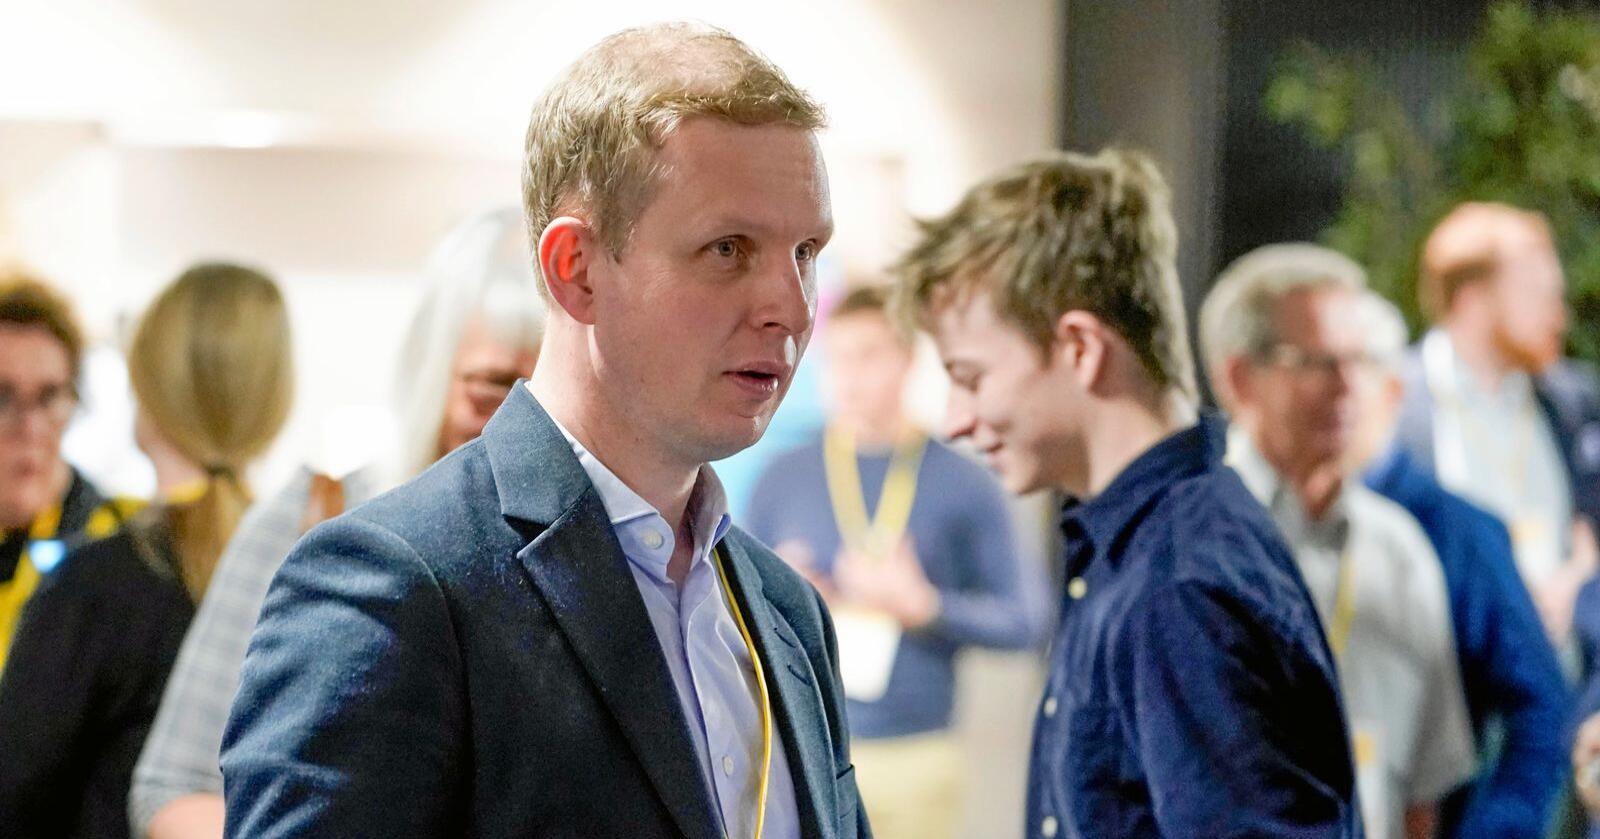 Sentralstyremedlem Erik Lunde leder arbeidet med å lage KrFs nye partiprogram. Han har spesielt trukket fram klima som et område der de må utvikle ny politikk. Foto: Fredrik Hagen / NTB scanpix